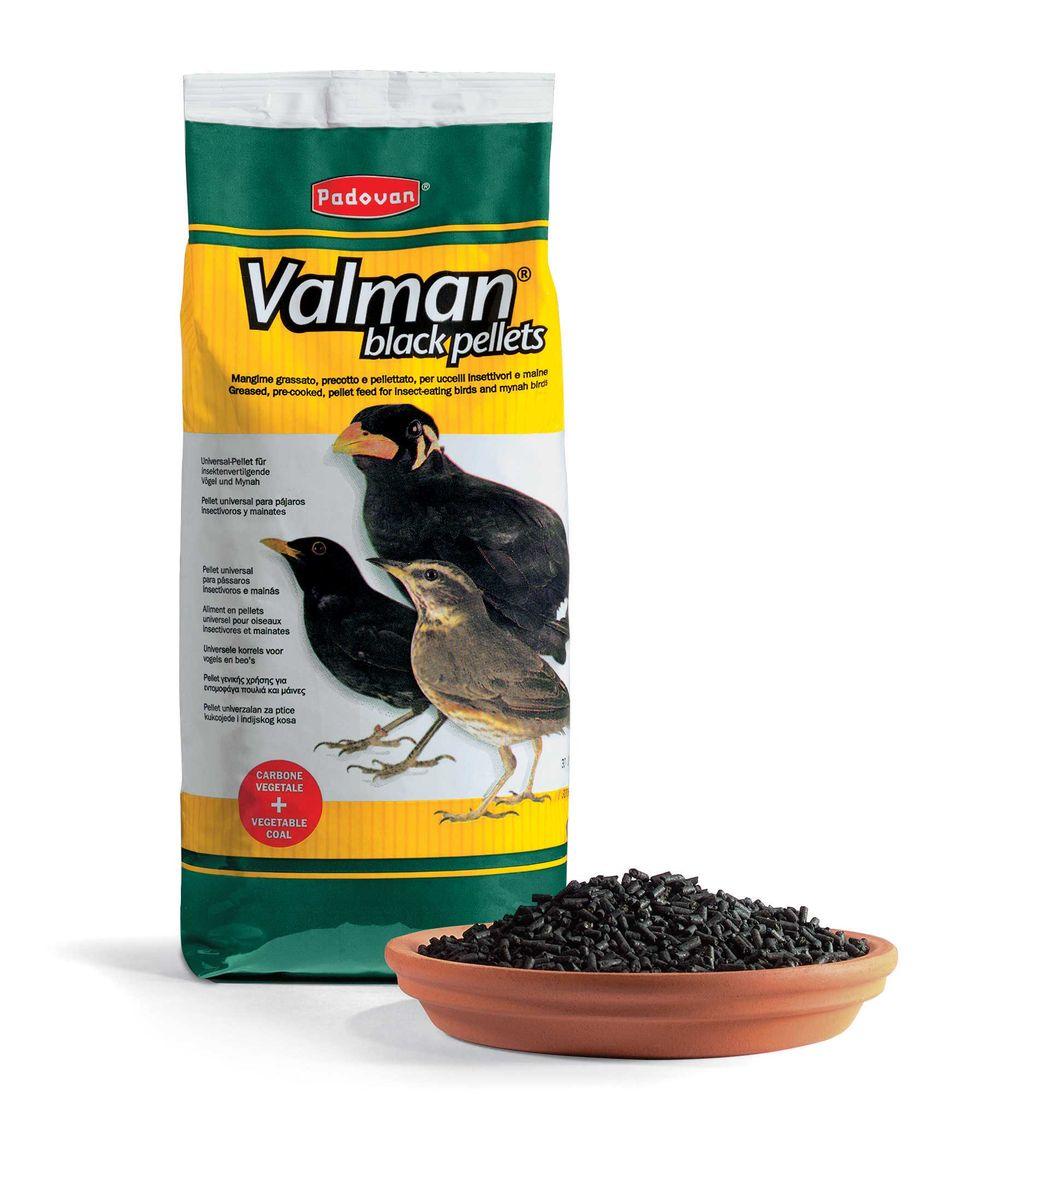 Корм Padovan Valman black pellets, дополнительный, для насекомоядных птиц, с активированным углем и овощами, 1 кг корм для птиц padovan очищенный овес